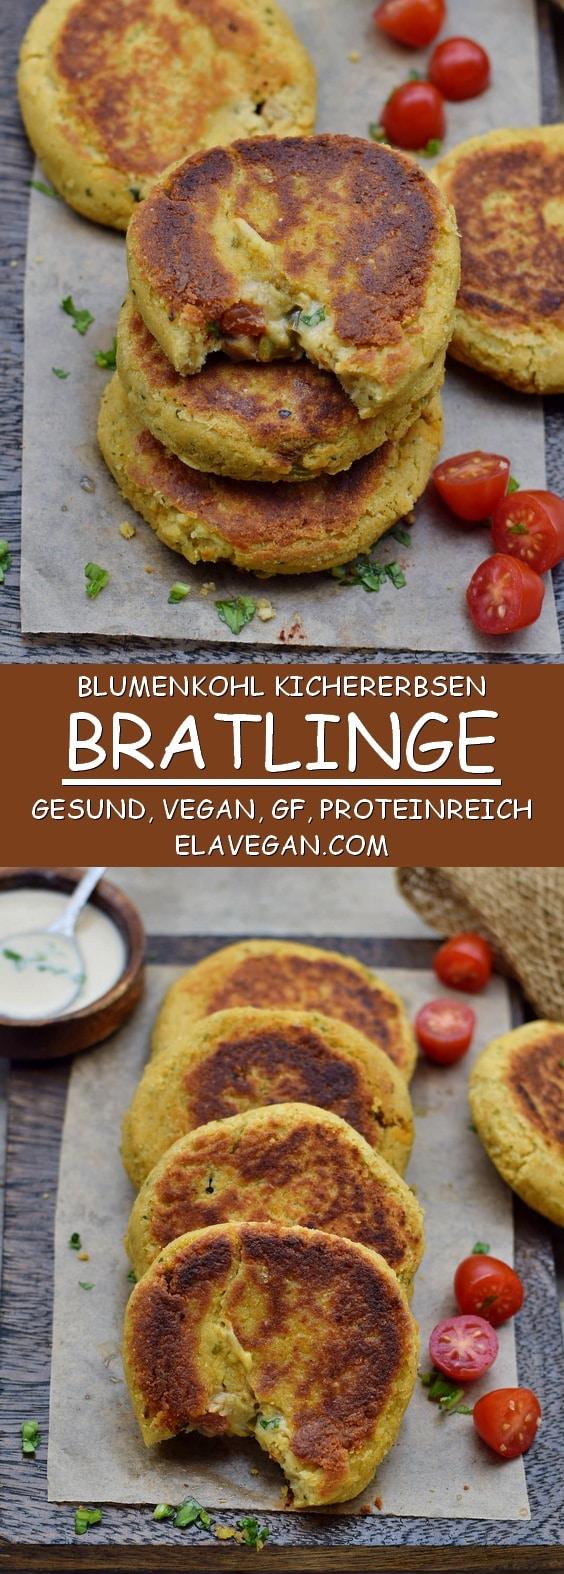 blumenkohl kichererbsen vegane bratlinge pinterest collage